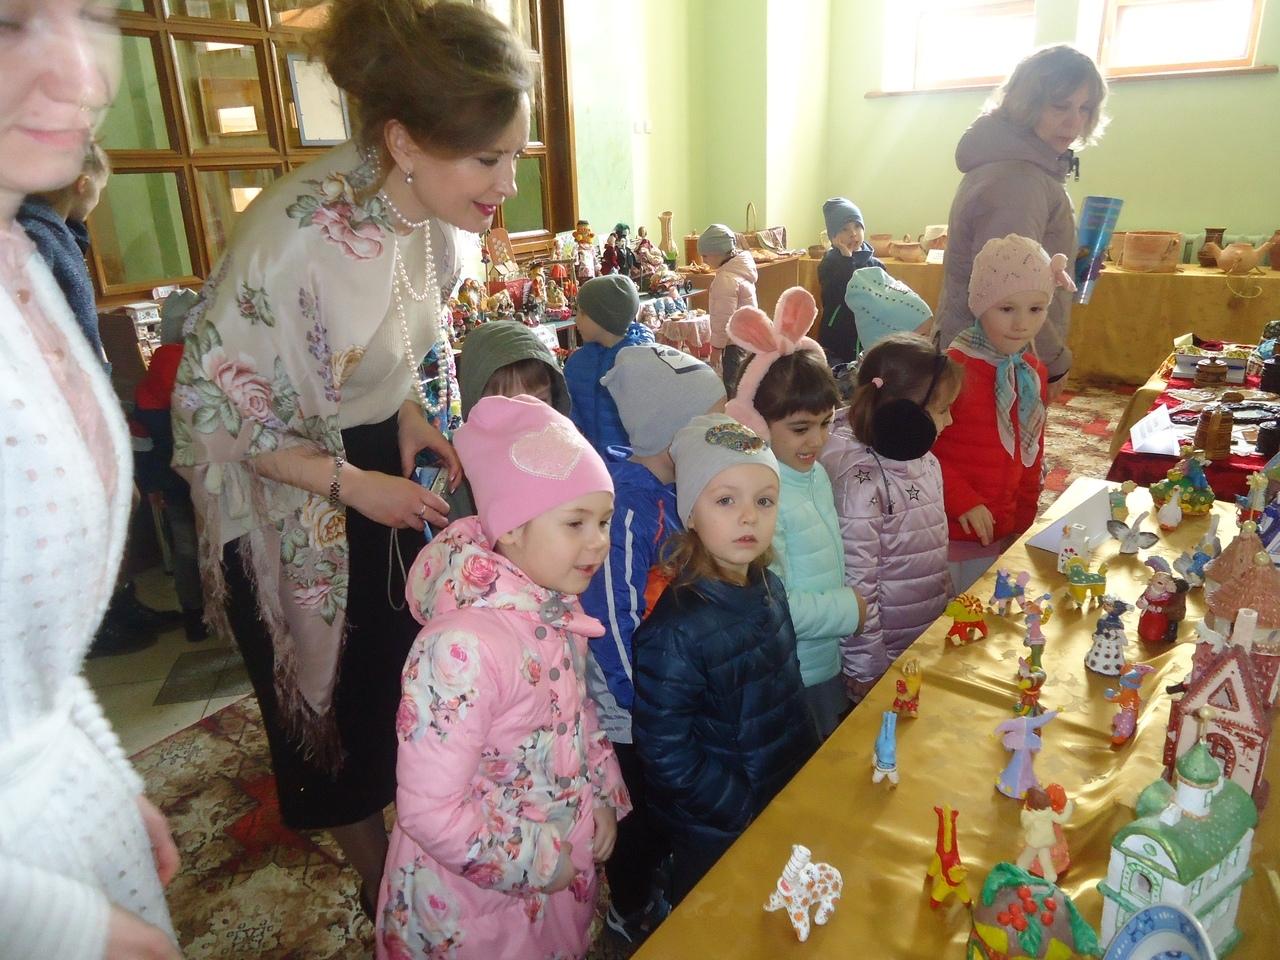 донецкая республиканская библиотека для детей, отдел организации досуга для детей, занятия с детьми, славянская культура для детей